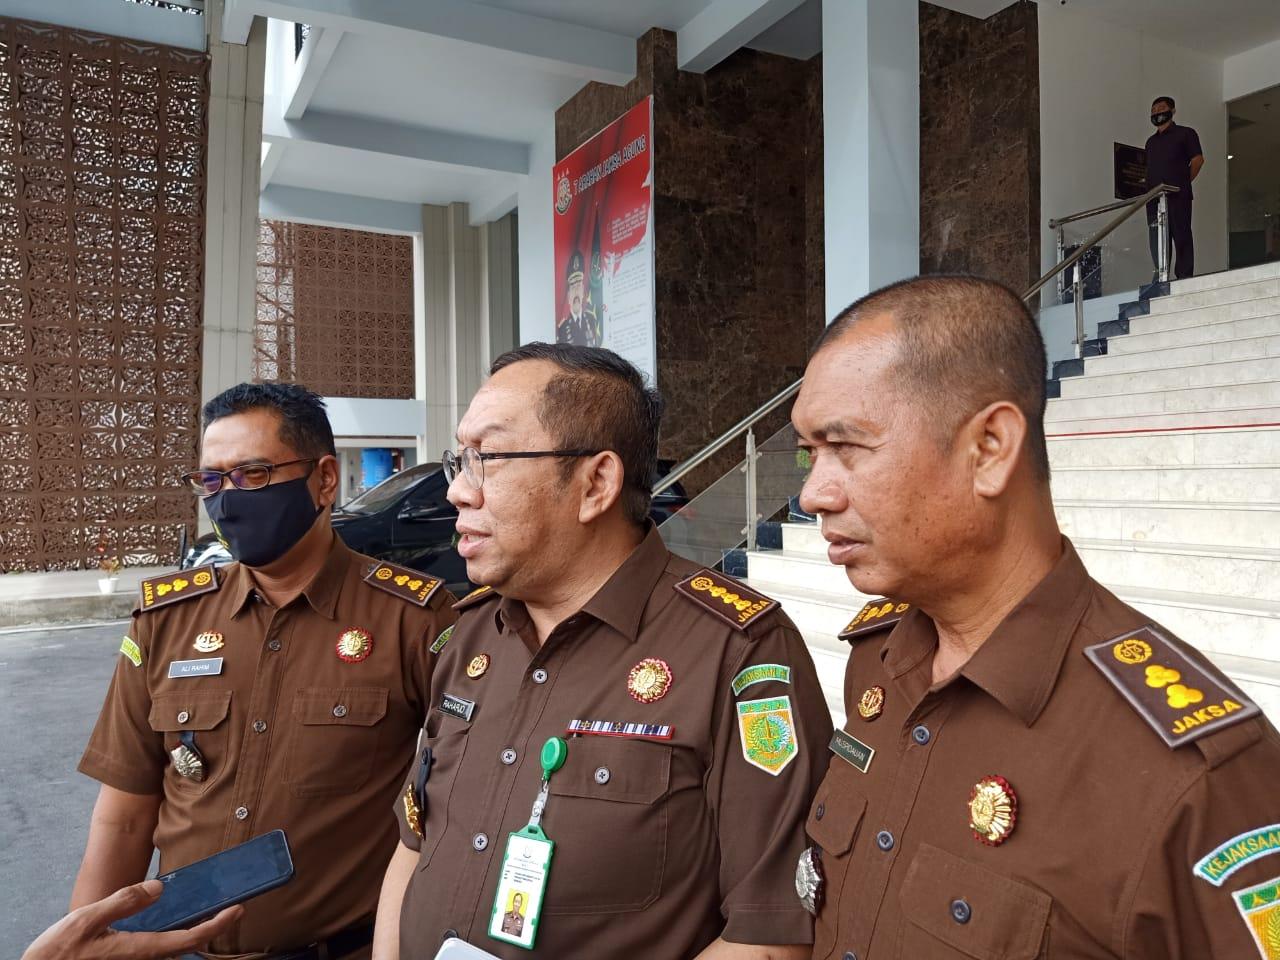 Jaksa Sebut Ada Indikasi Pelanggaran di Kasus Dugaan Korupsi UIN Suska